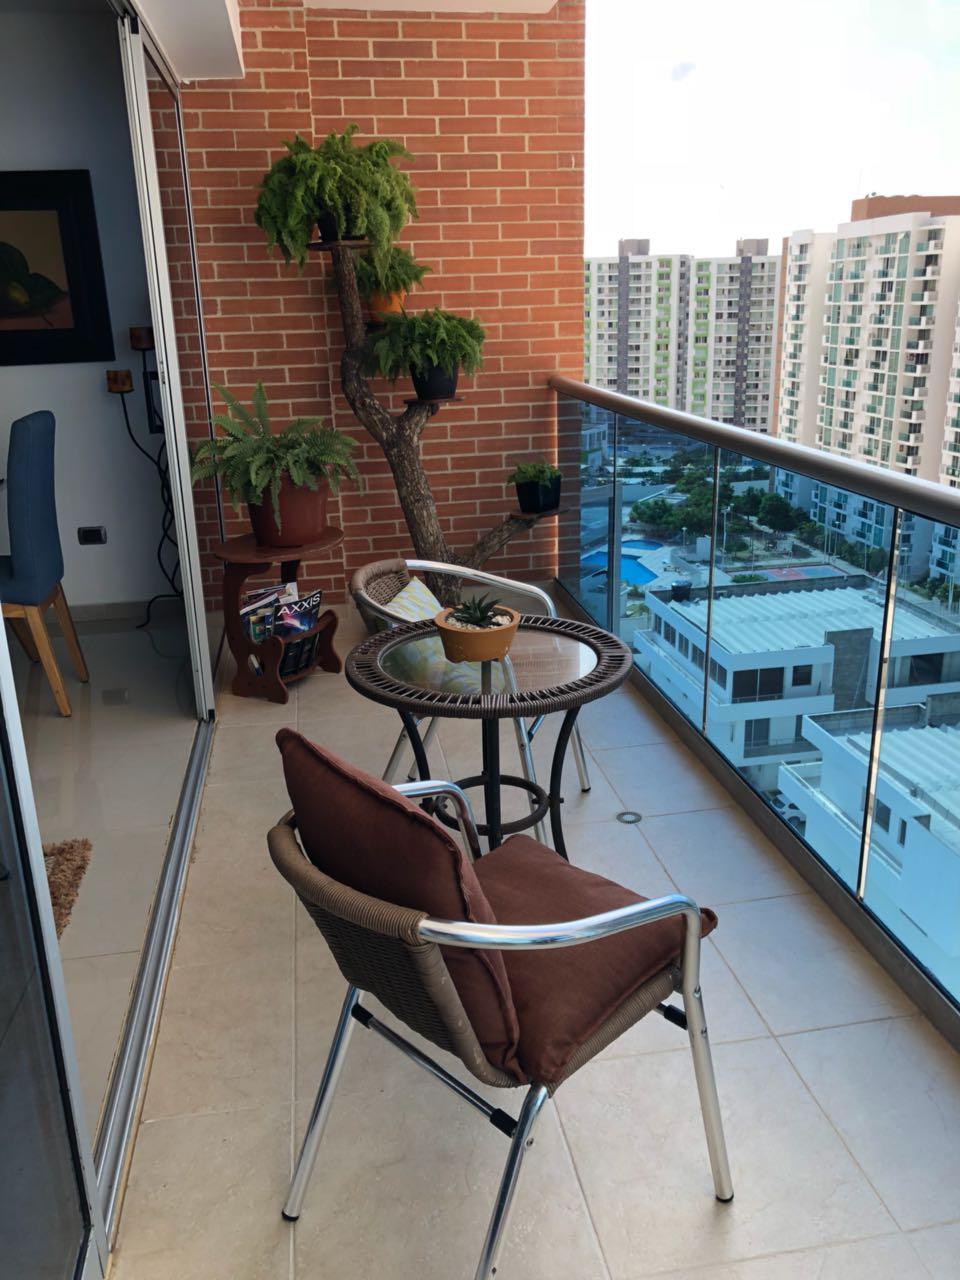 86701 - Oportunidad Apartamento de Sombra en Avenida Tajamares de Villa Campestre